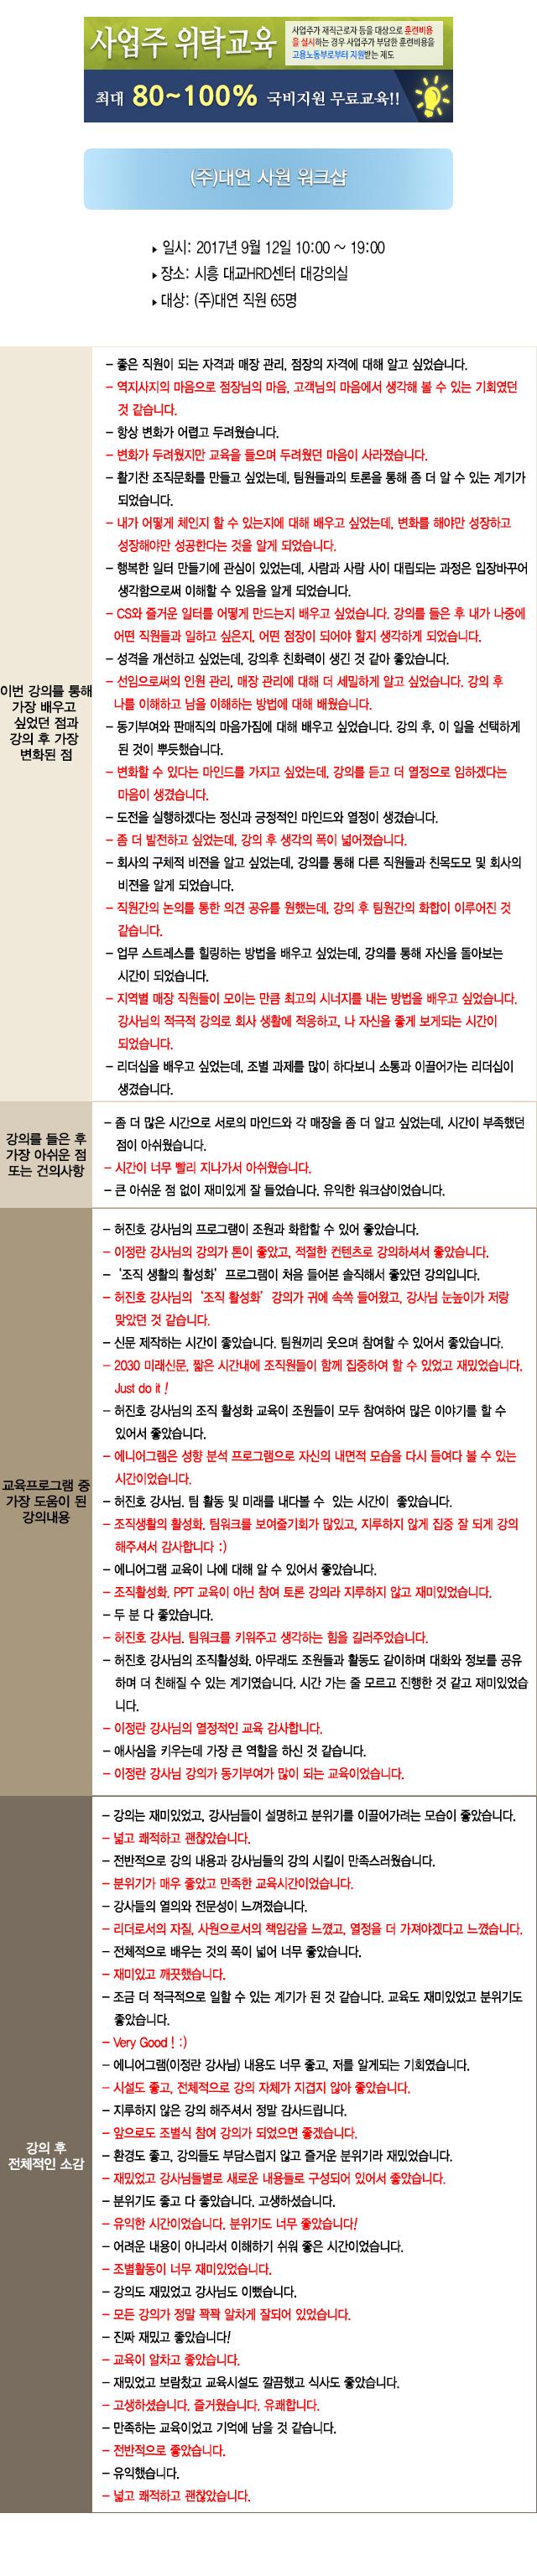 한국중앙인재개발원 대연 후기.jpg